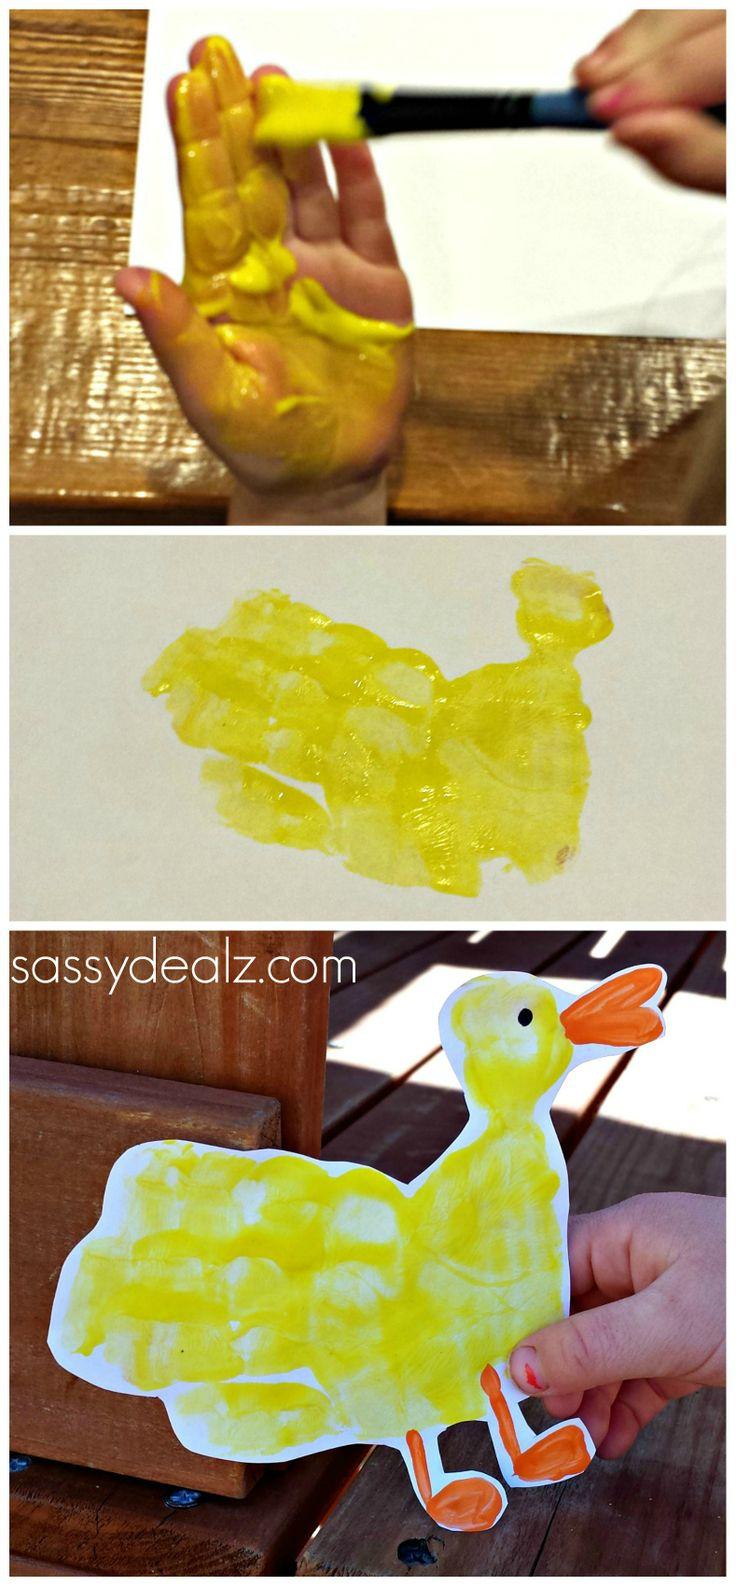 Duck Handprint Craft for Kids #DIY #Duck art project | http://www.sassydealz.com/2014/02/duck-handprint-craft-kids.html